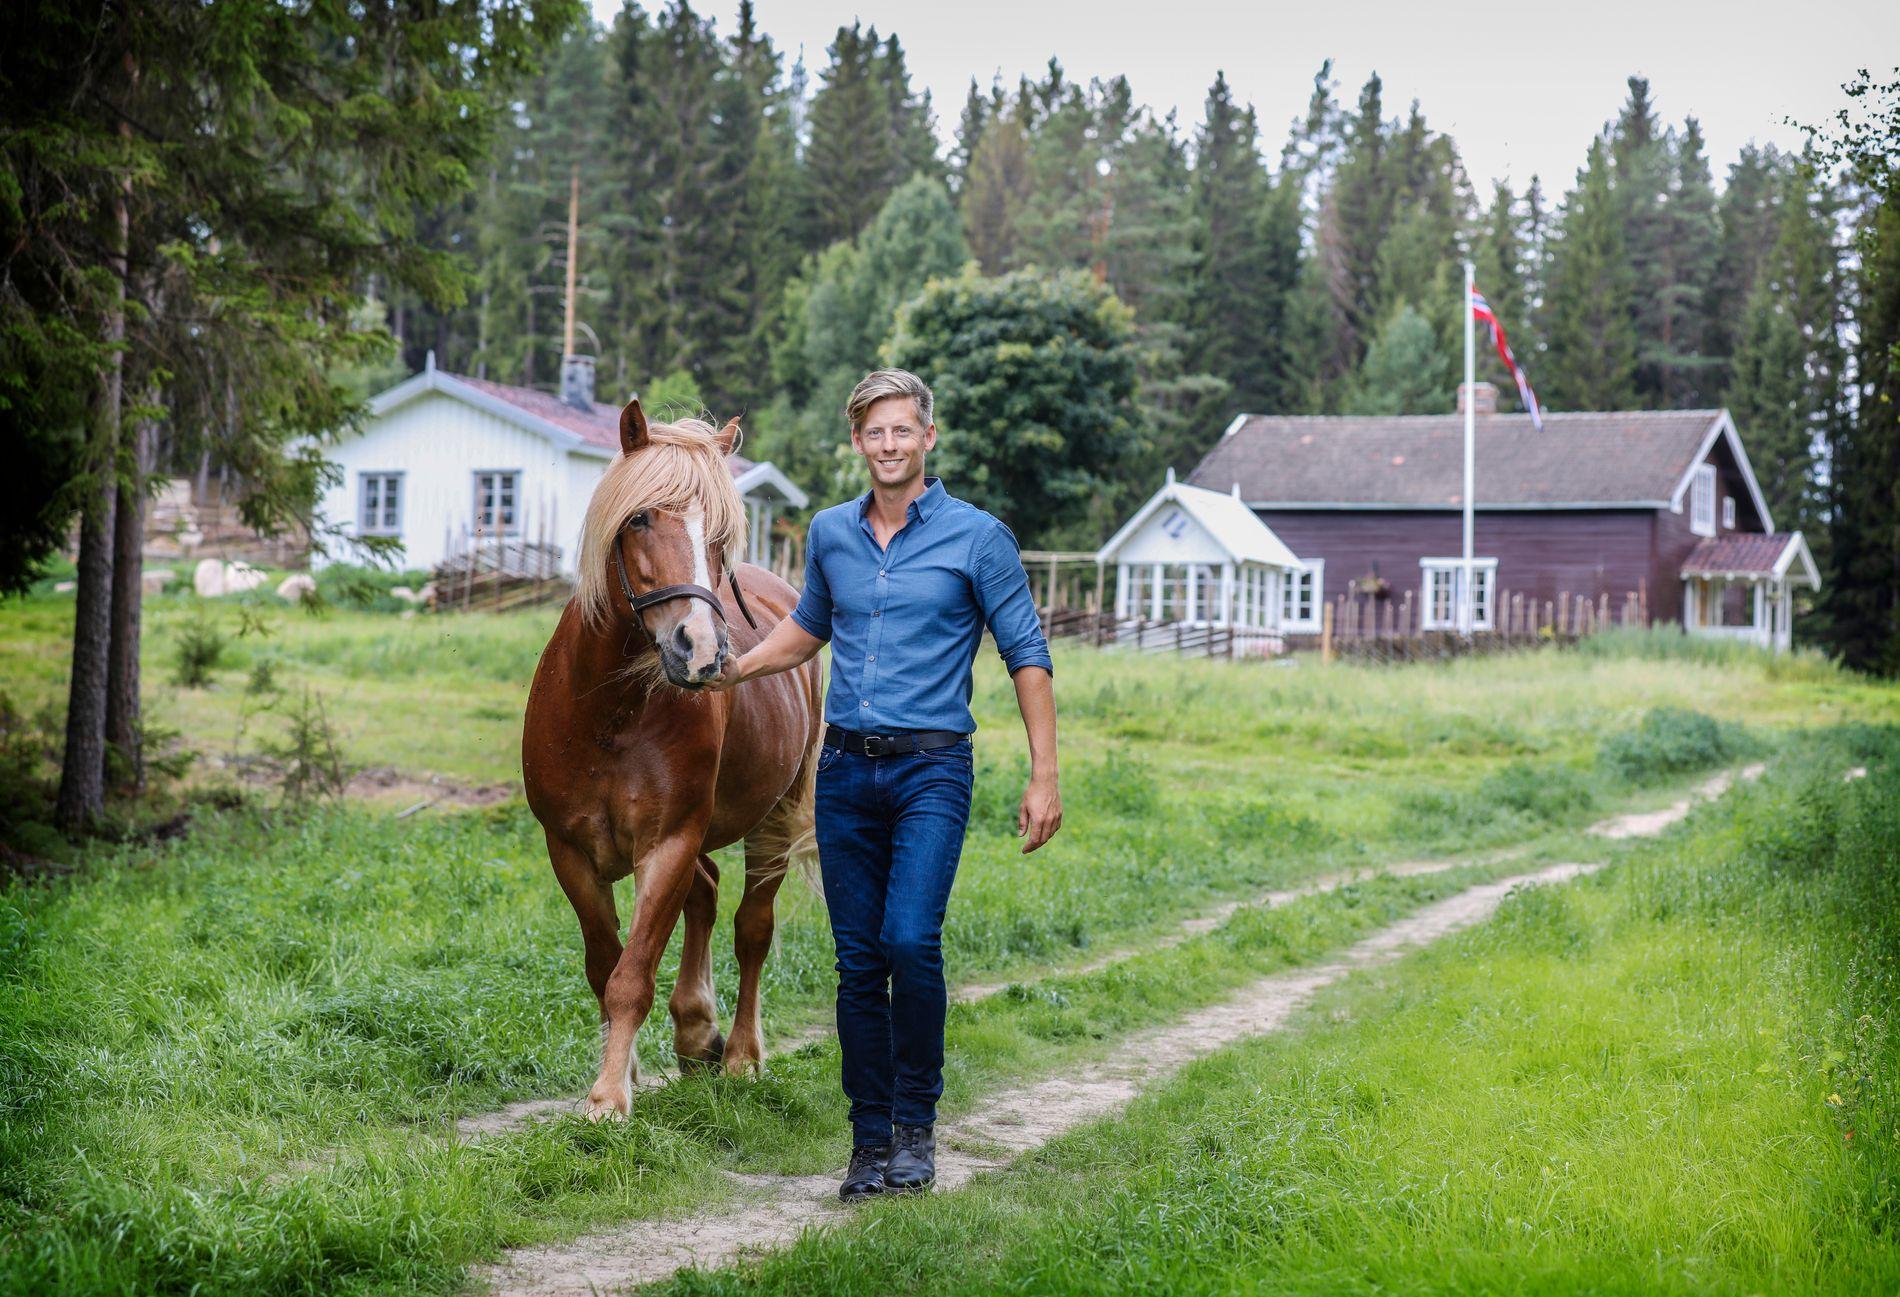 TIL HEDMARK: Programleder Gaute Grøtta Grav er klar for nok en runde av «Farmen», som i høst foregår i Finnskogen i Grue kommune i Hedmark.